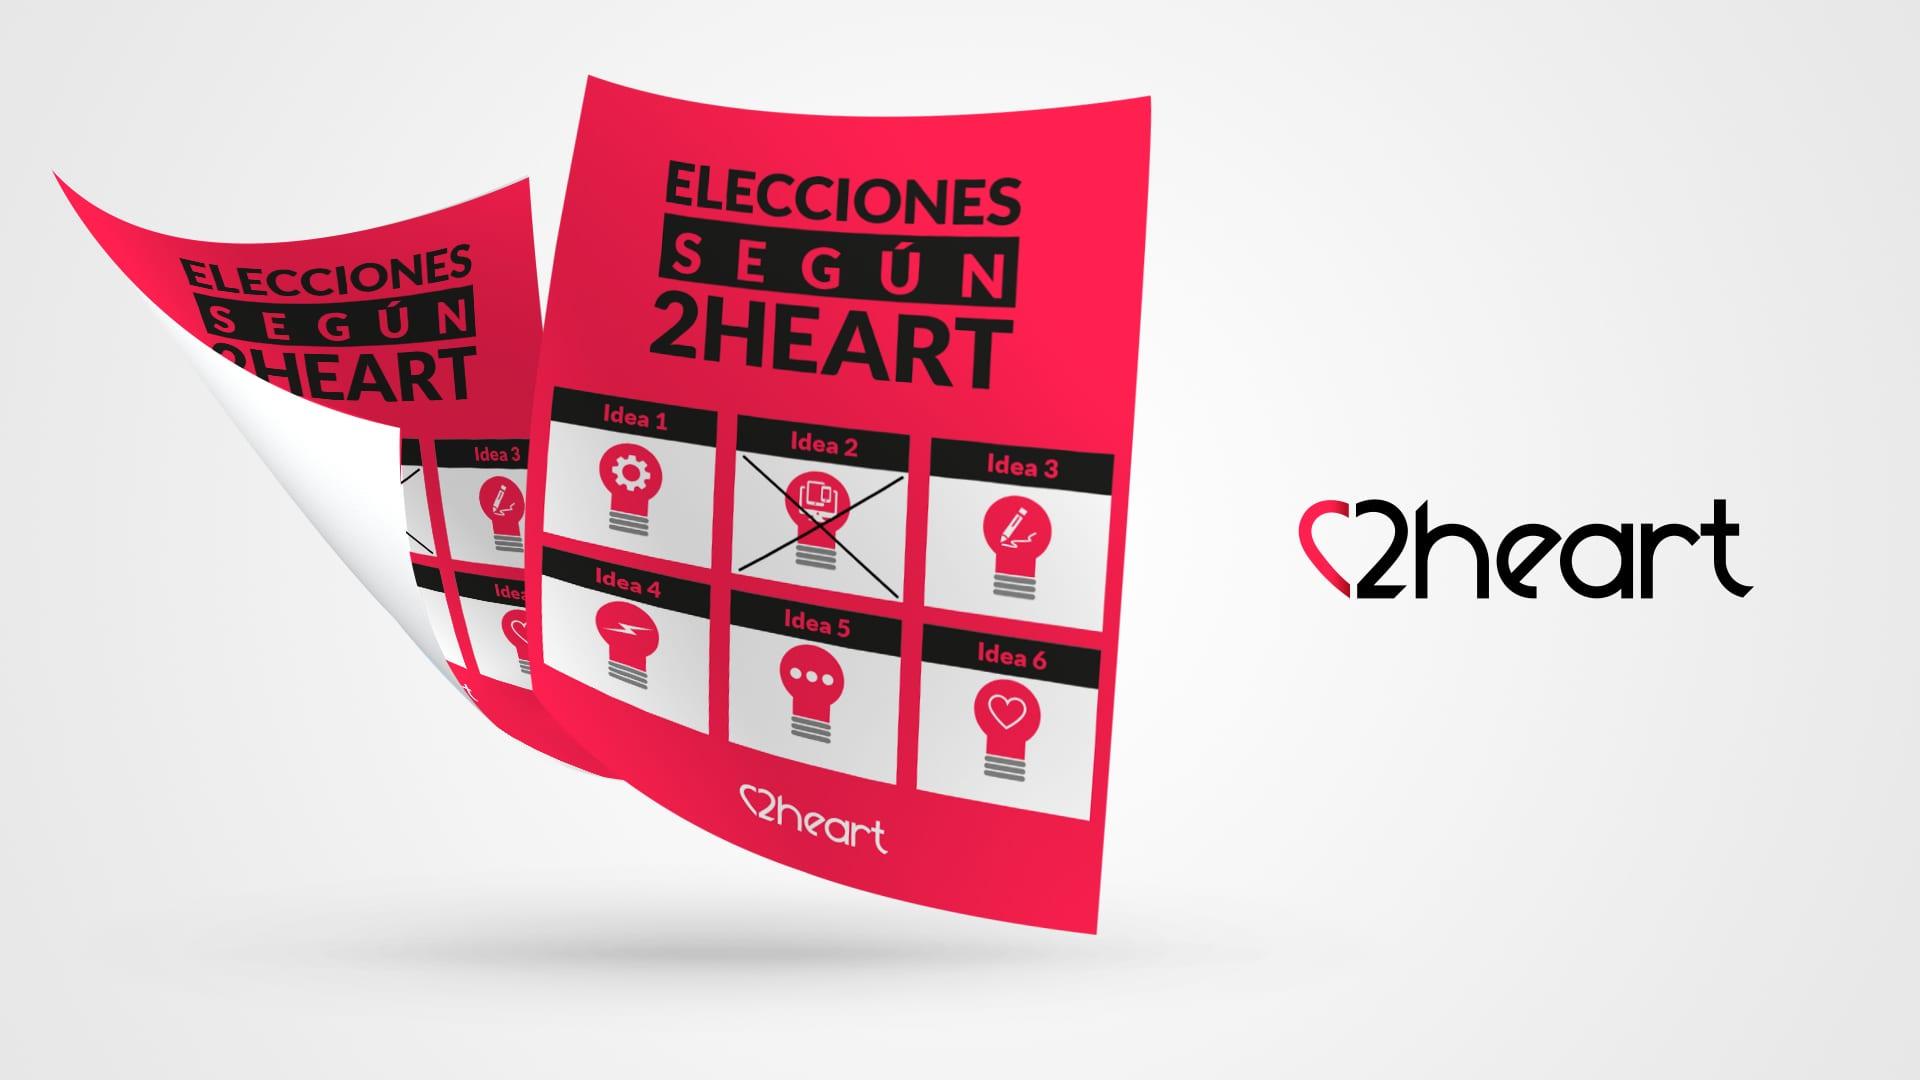 Elecciones 2heart Blog